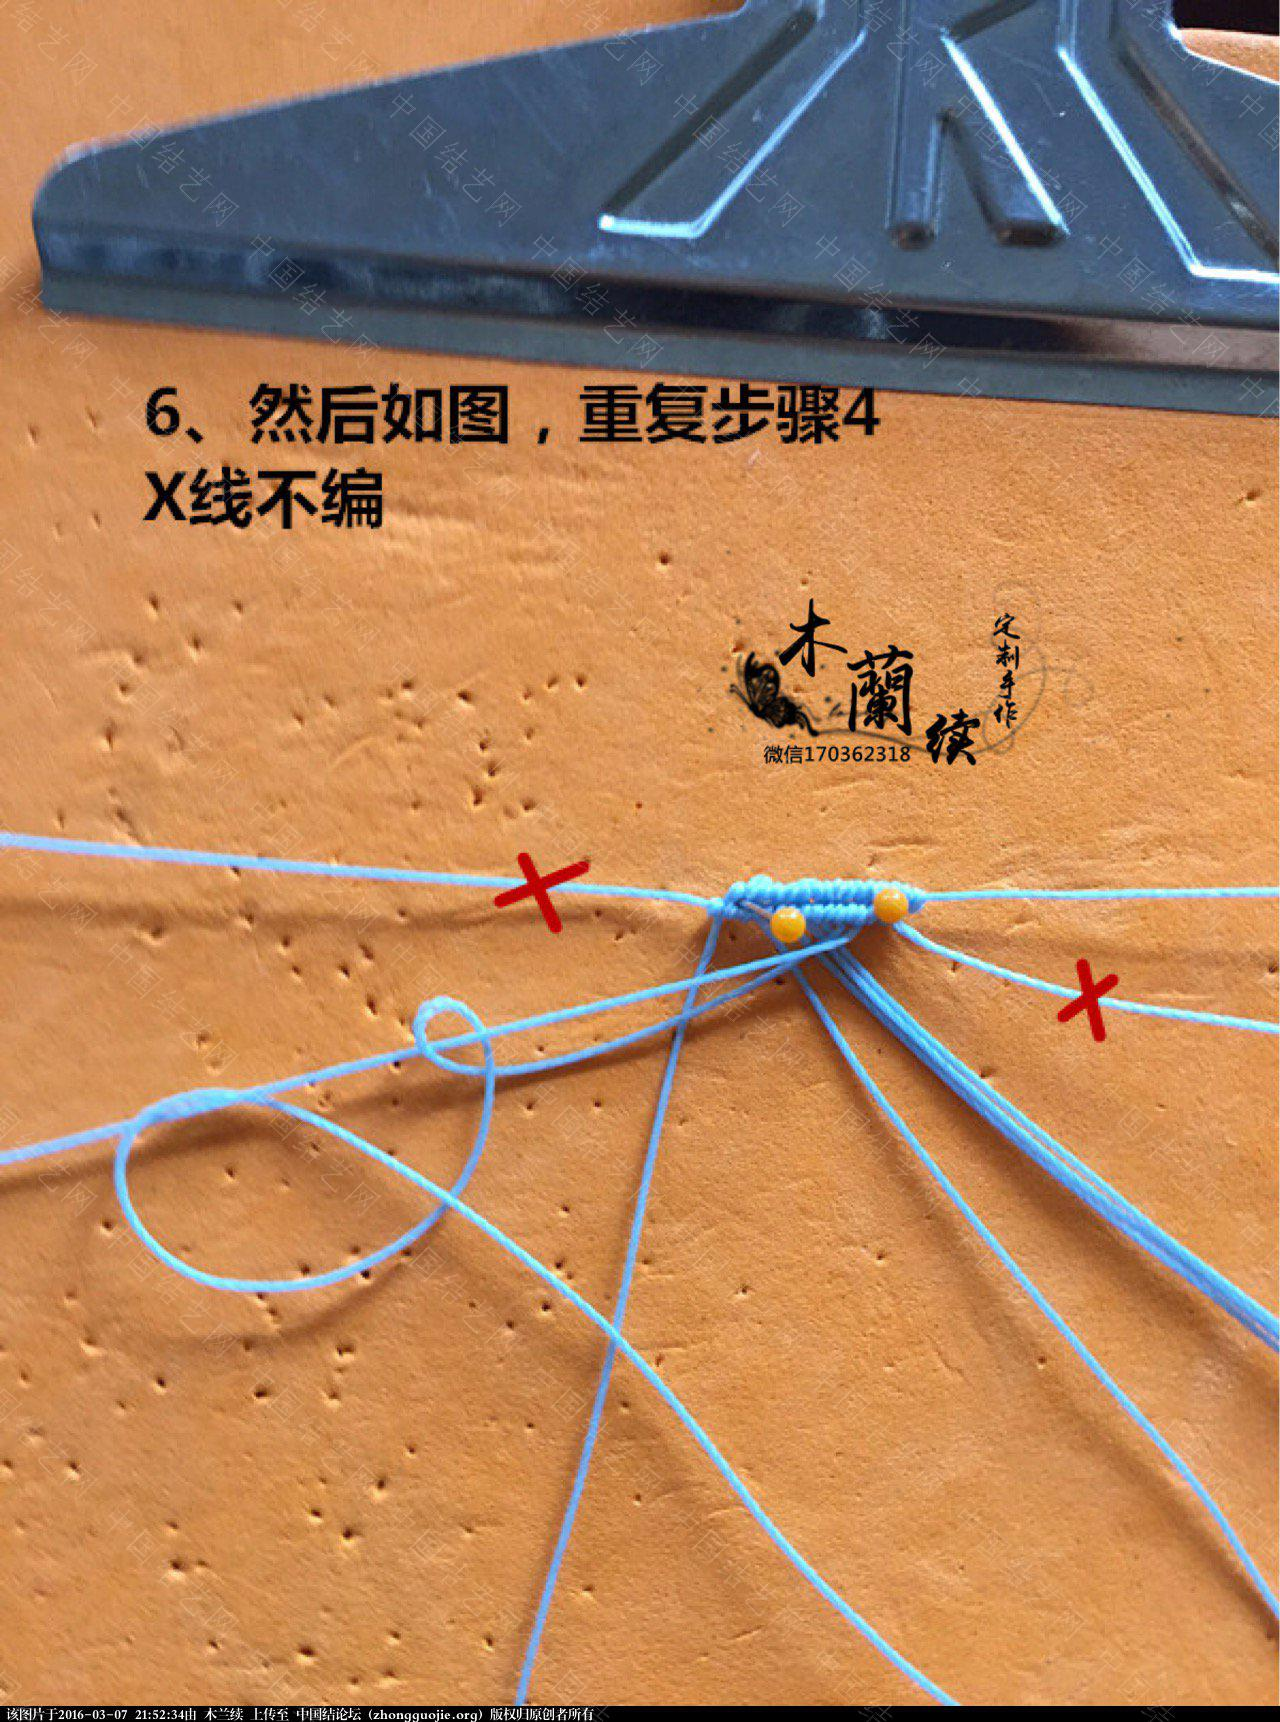 中国结论坛 【木兰续】萌萌的海星挂件! 木兰 图文教程区 214828jy4celcebli85bhl